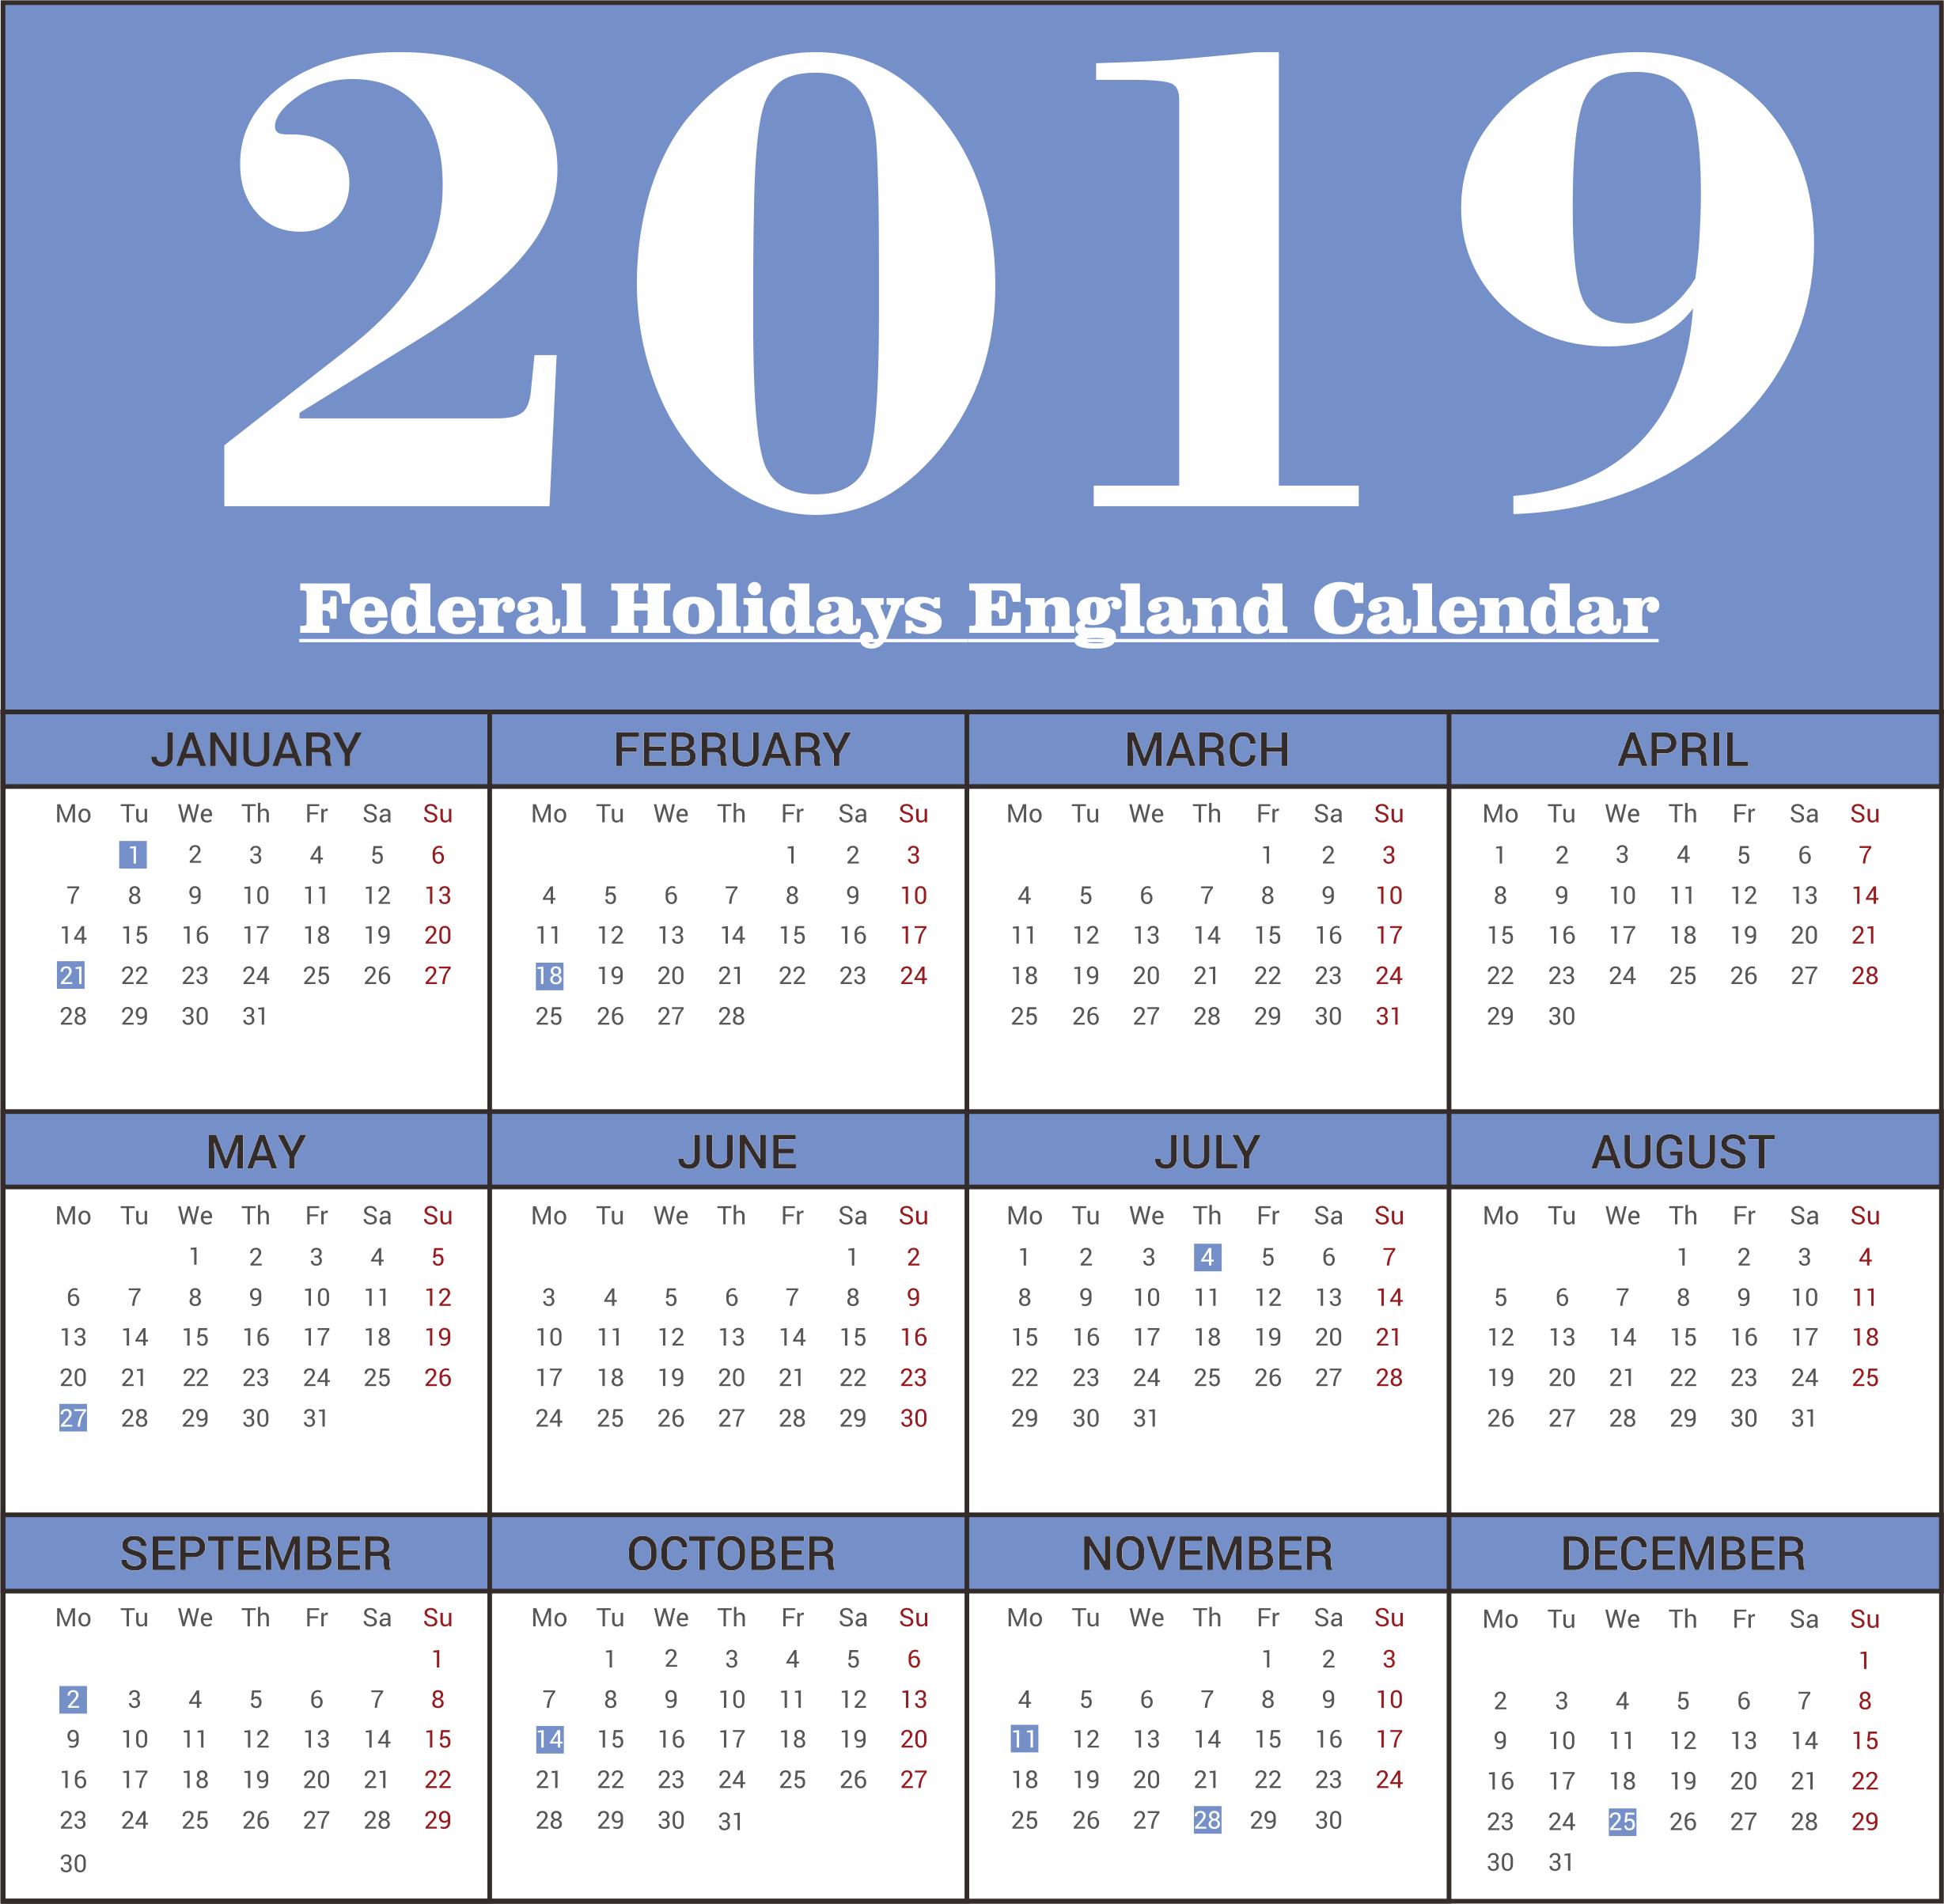 England Federal 2019 Holidays Calendar Printable | Free Desk Calendar 2019 England